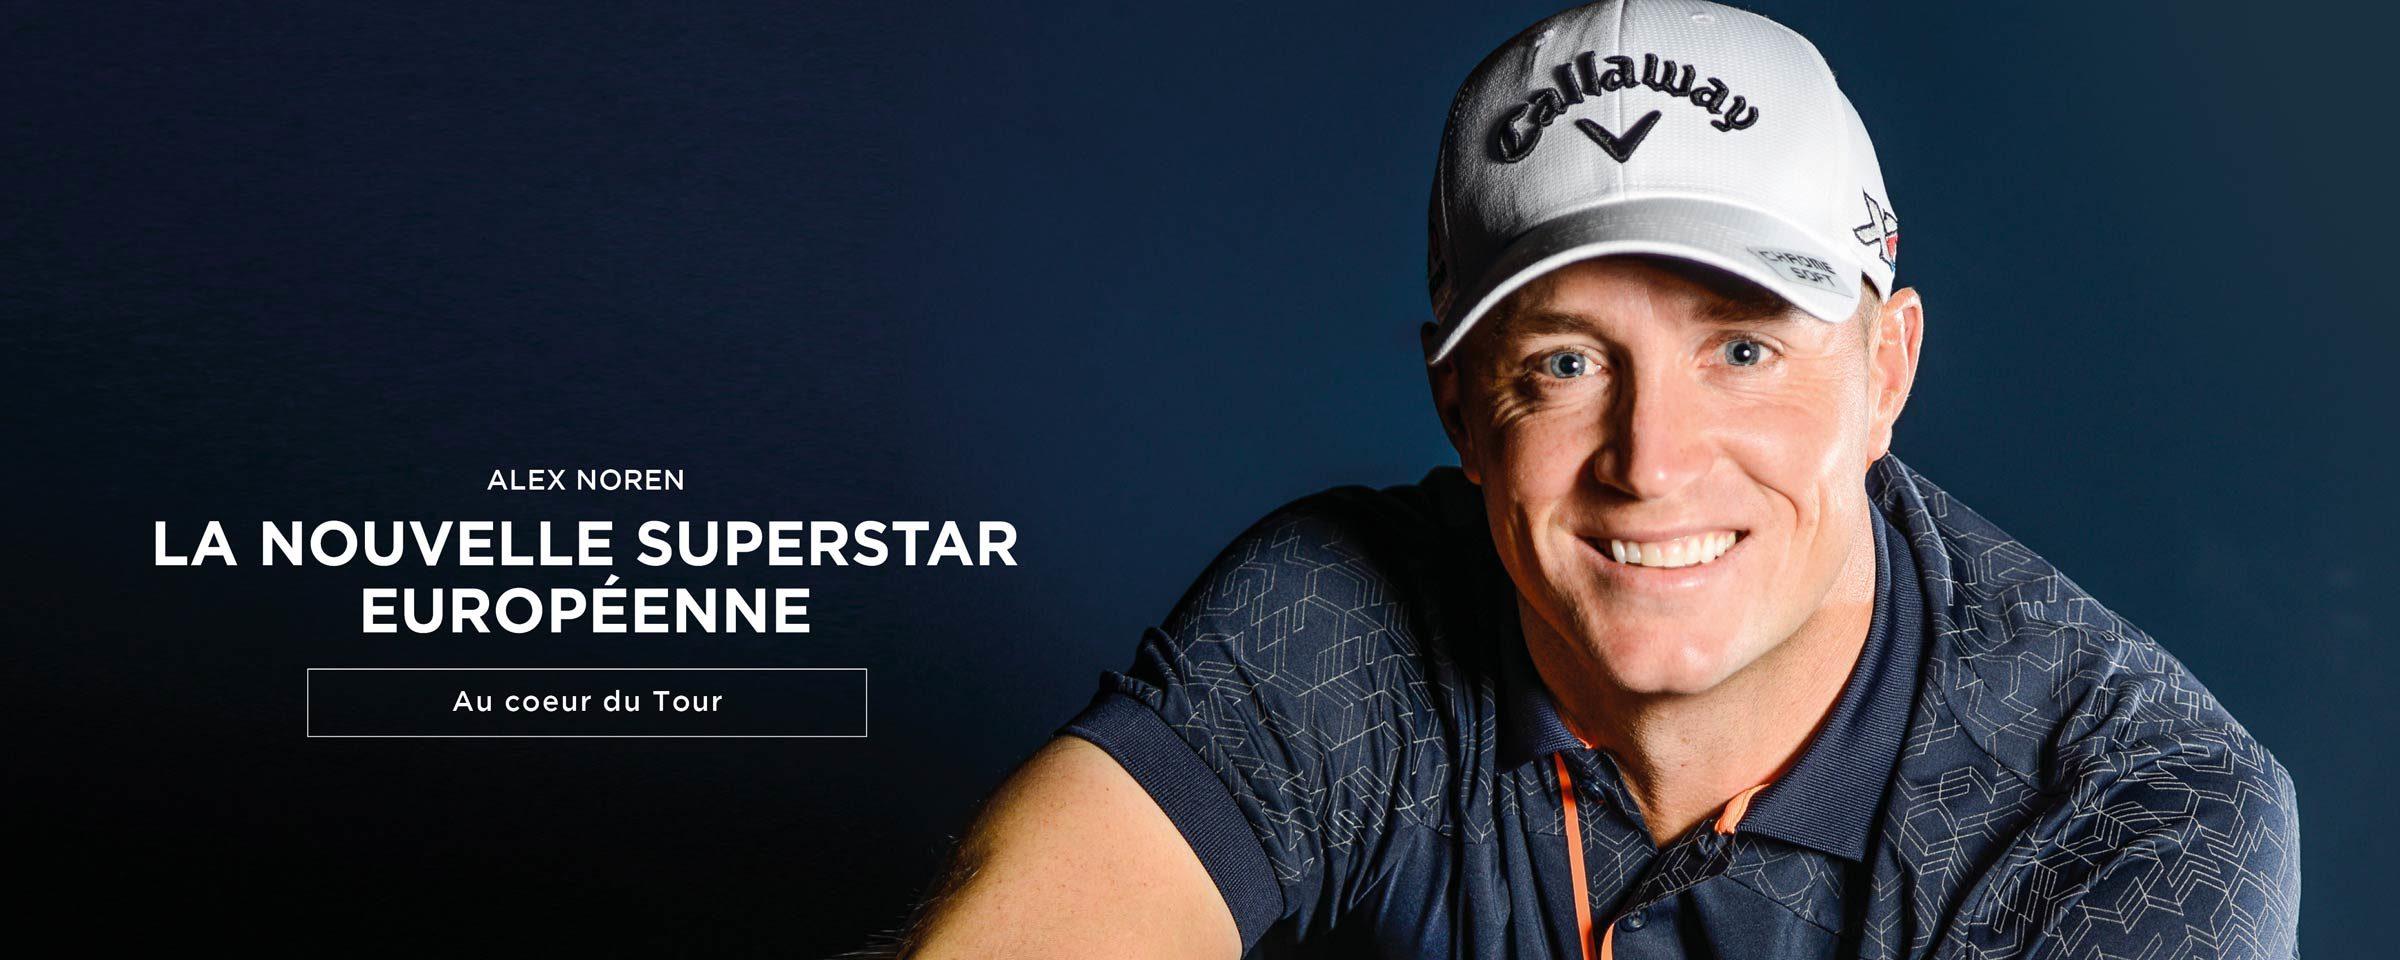 Alex Noren, La nouvelle superstar européenne